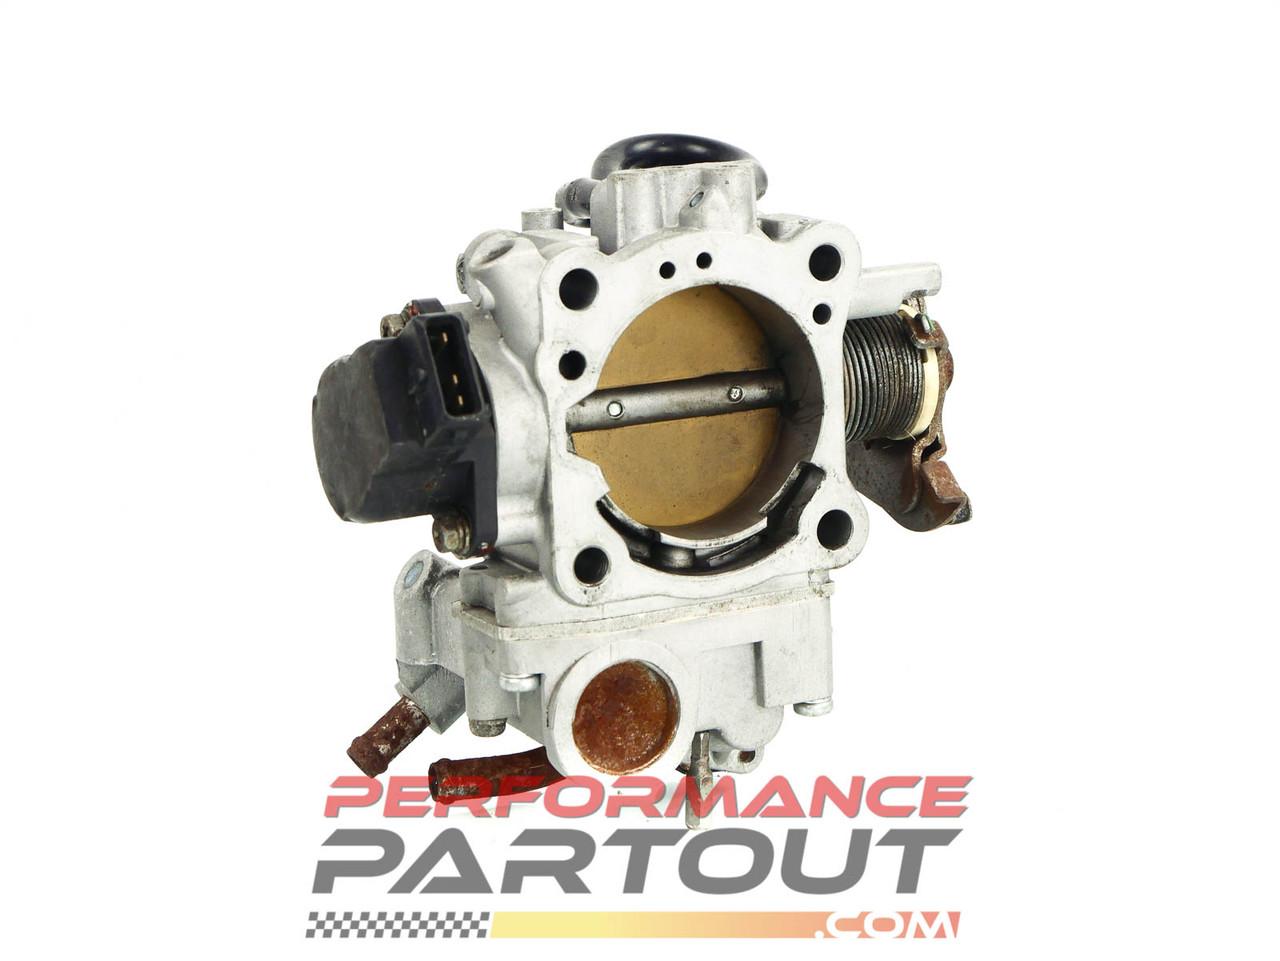 Rebuilt Throttle Body 1G 91-94 Turbo